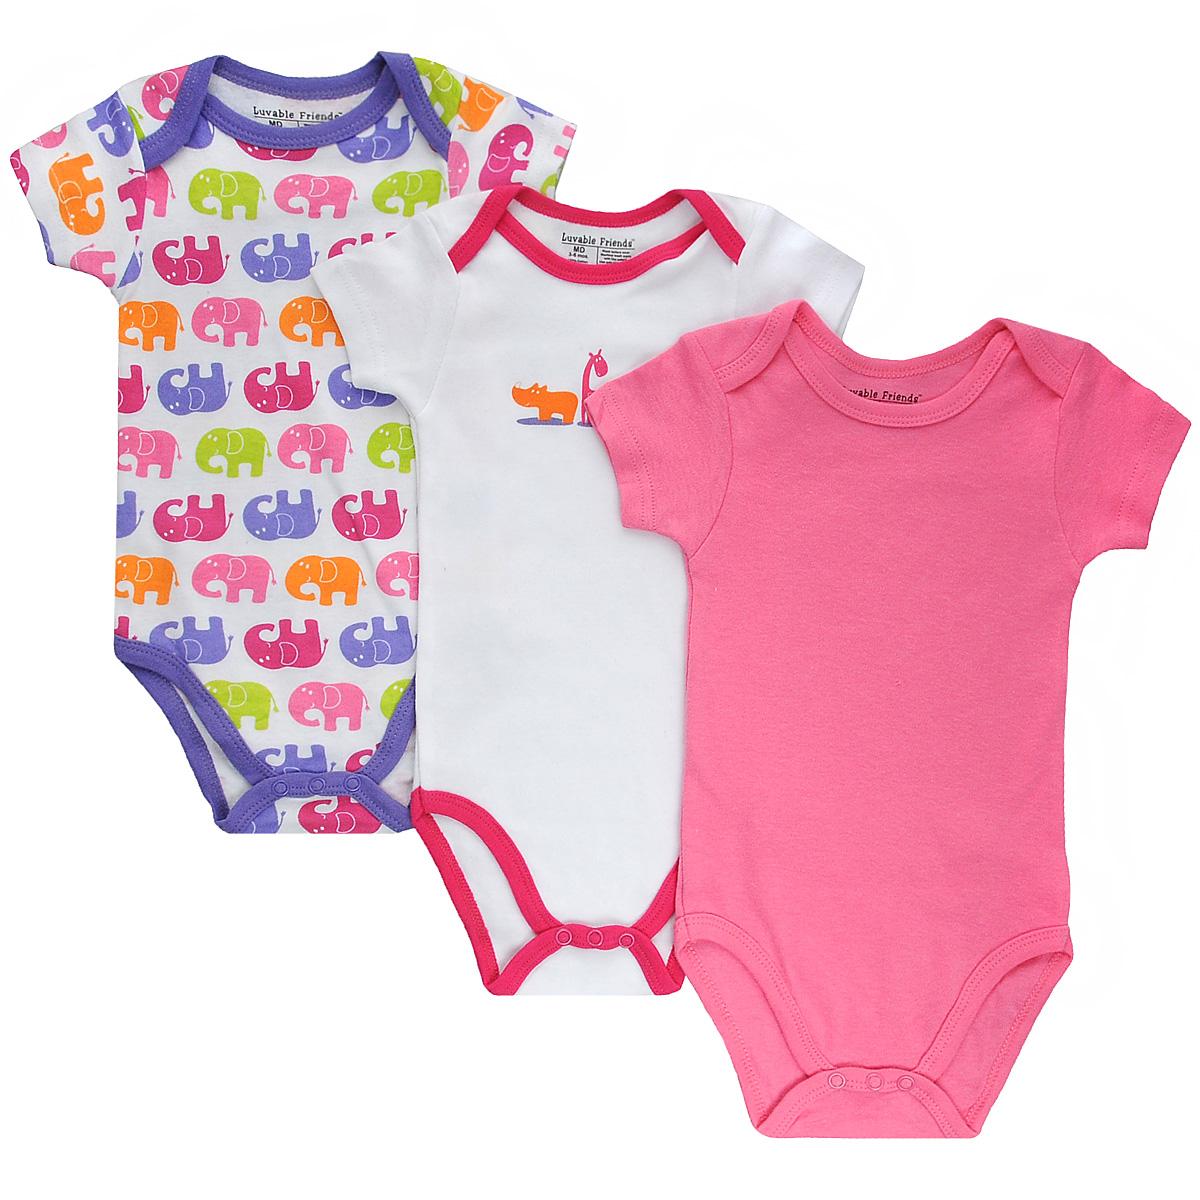 Боди детское Сафари, 3 шт. 3064030640Боди для новорожденного Luvable Friends Сафари с короткими рукавами послужит идеальным дополнением к гардеробу вашего малыша в теплое время года, обеспечивая ему наибольший комфорт. Боди изготовлено из натурального хлопка, благодаря чему оно необычайно мягкое и легкое, не раздражает нежную кожу ребенка и хорошо вентилируется, а эластичные швы приятны телу младенца и не препятствуют его движениям. Удобные запахи на плечах и кнопки на ластовице помогают легко переодеть младенца и сменить подгузник. Боди полностью соответствует особенностям жизни ребенка в ранний период, не стесняя и не ограничивая его в движениях. В нем ваш малыш всегда будет в центре внимания. В комплект входят боди трех расцветок.